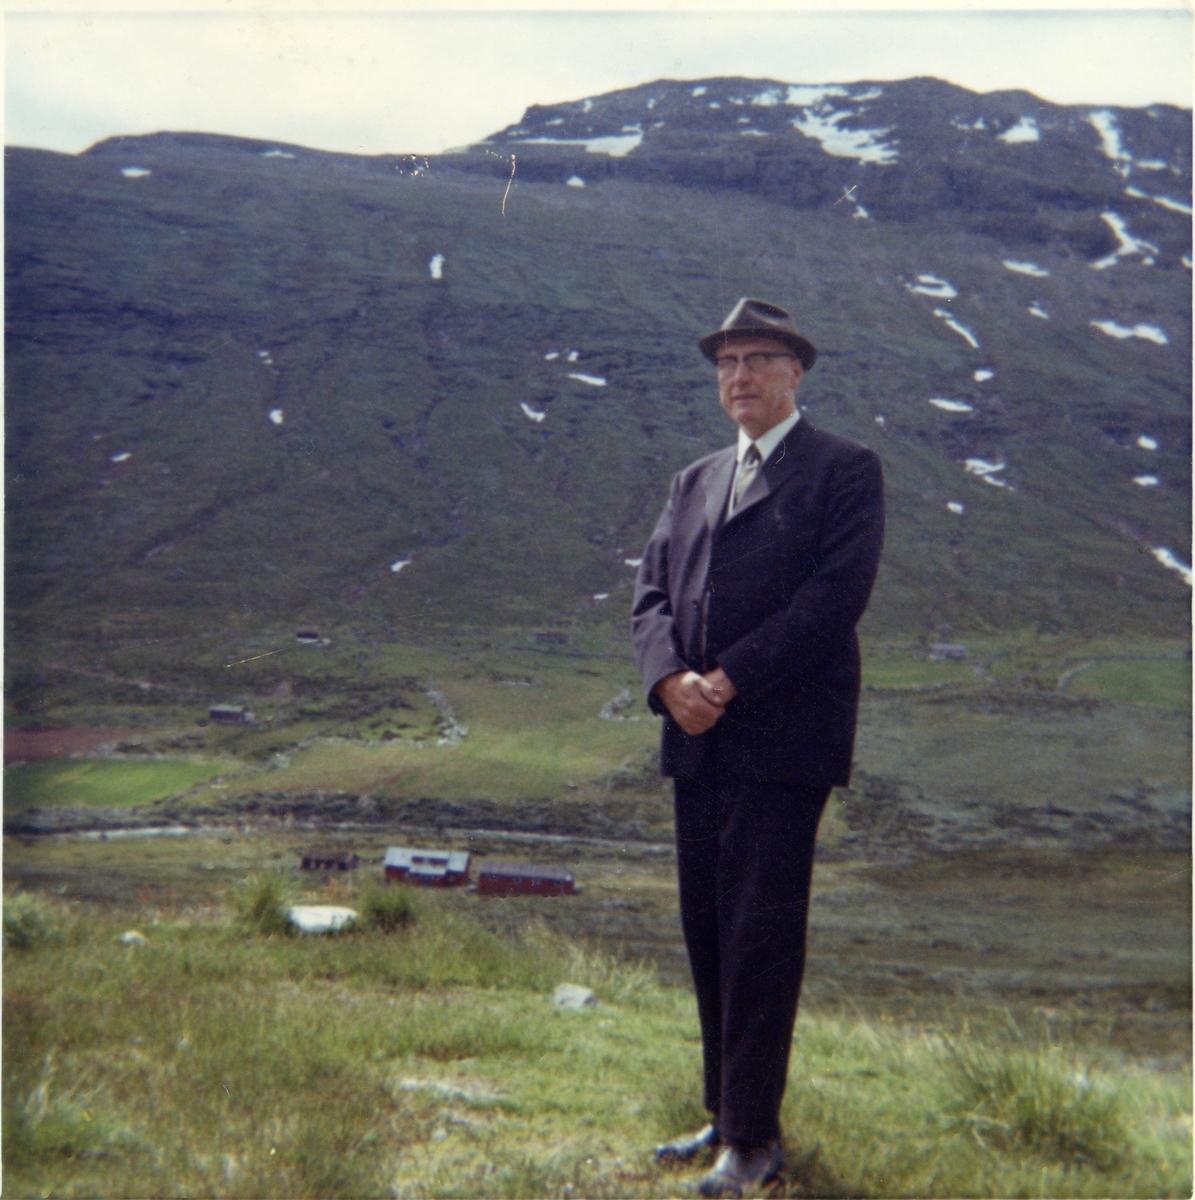 Fotografi av Gudbrand A. Brager. Han står ute i et fjellområde.